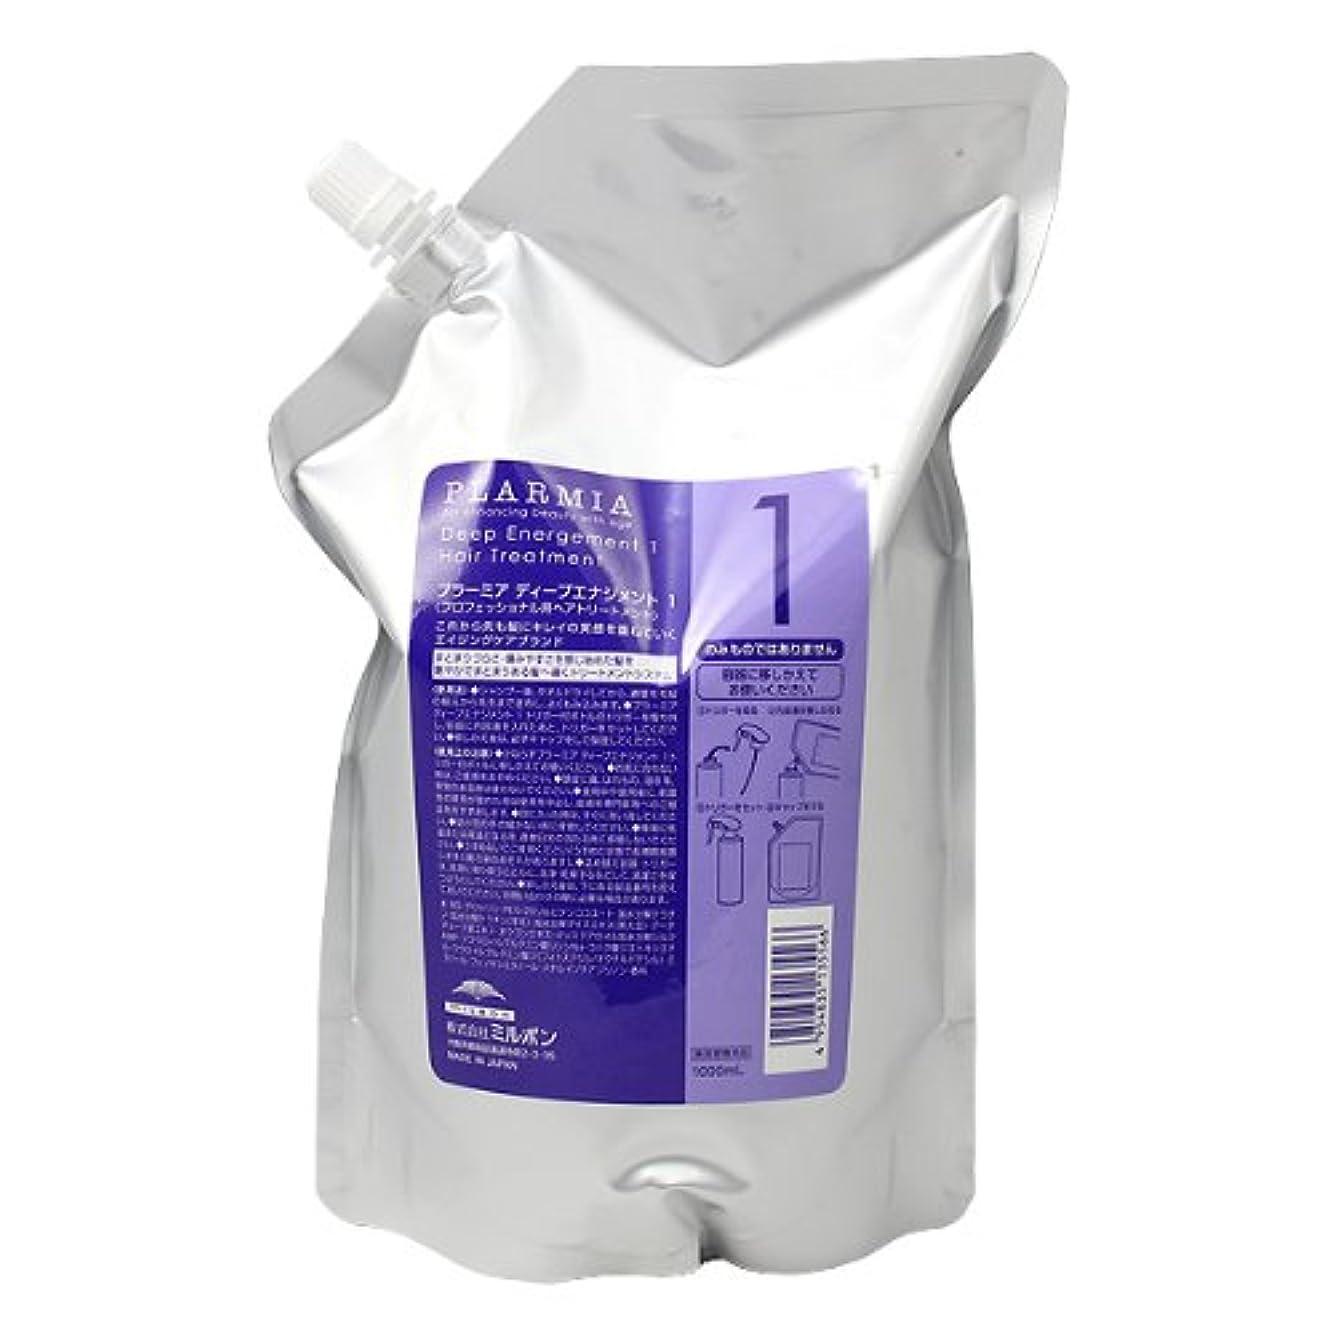 甘味ピルファー上流のミルボン プラーミア ディープエナジメント1 詰替用 1000ml 詰替え用(レフィル)